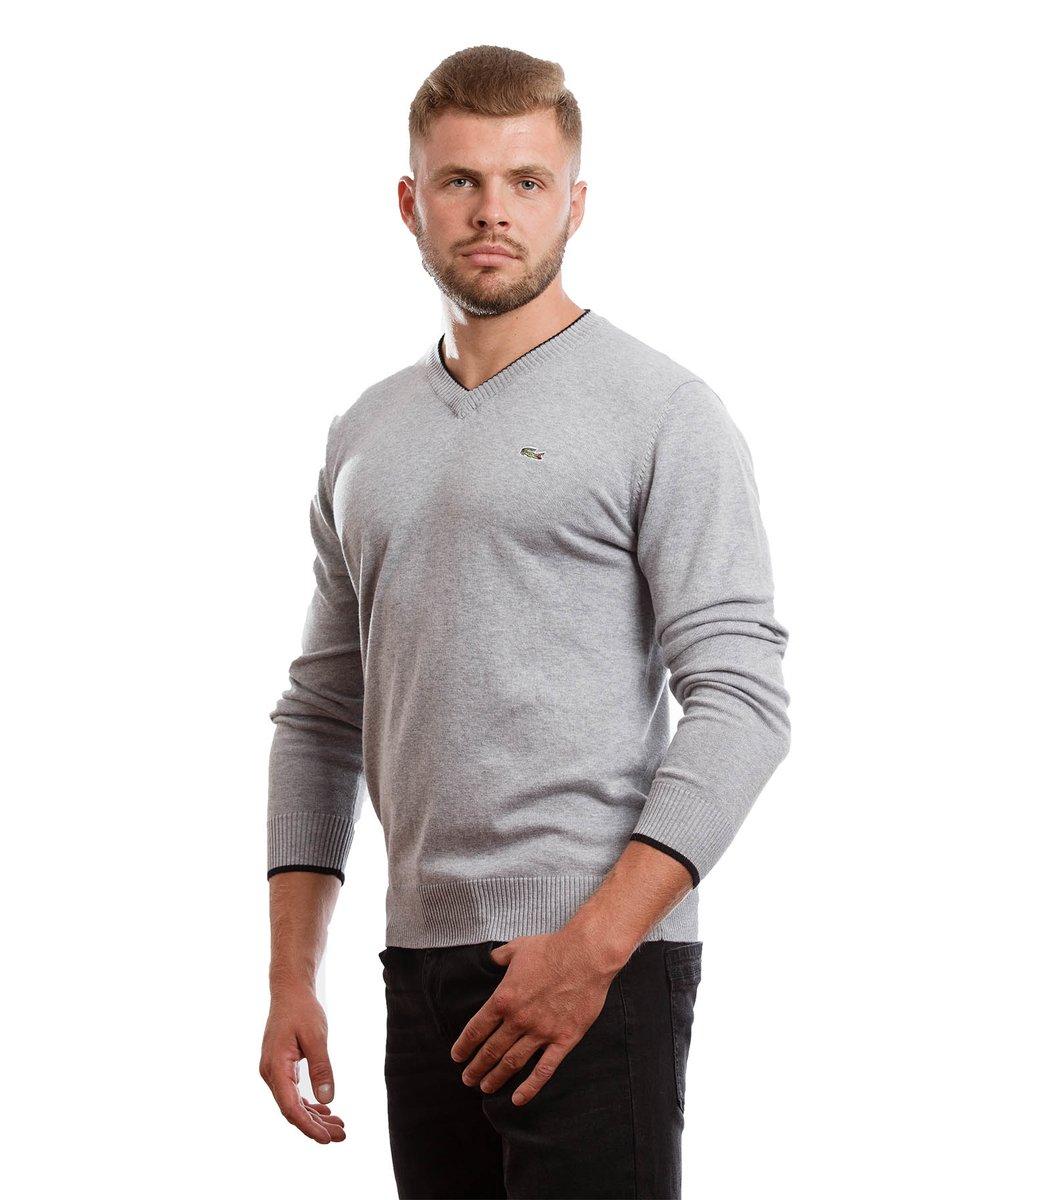 Пуловер Lacoste VL1 (Серый)